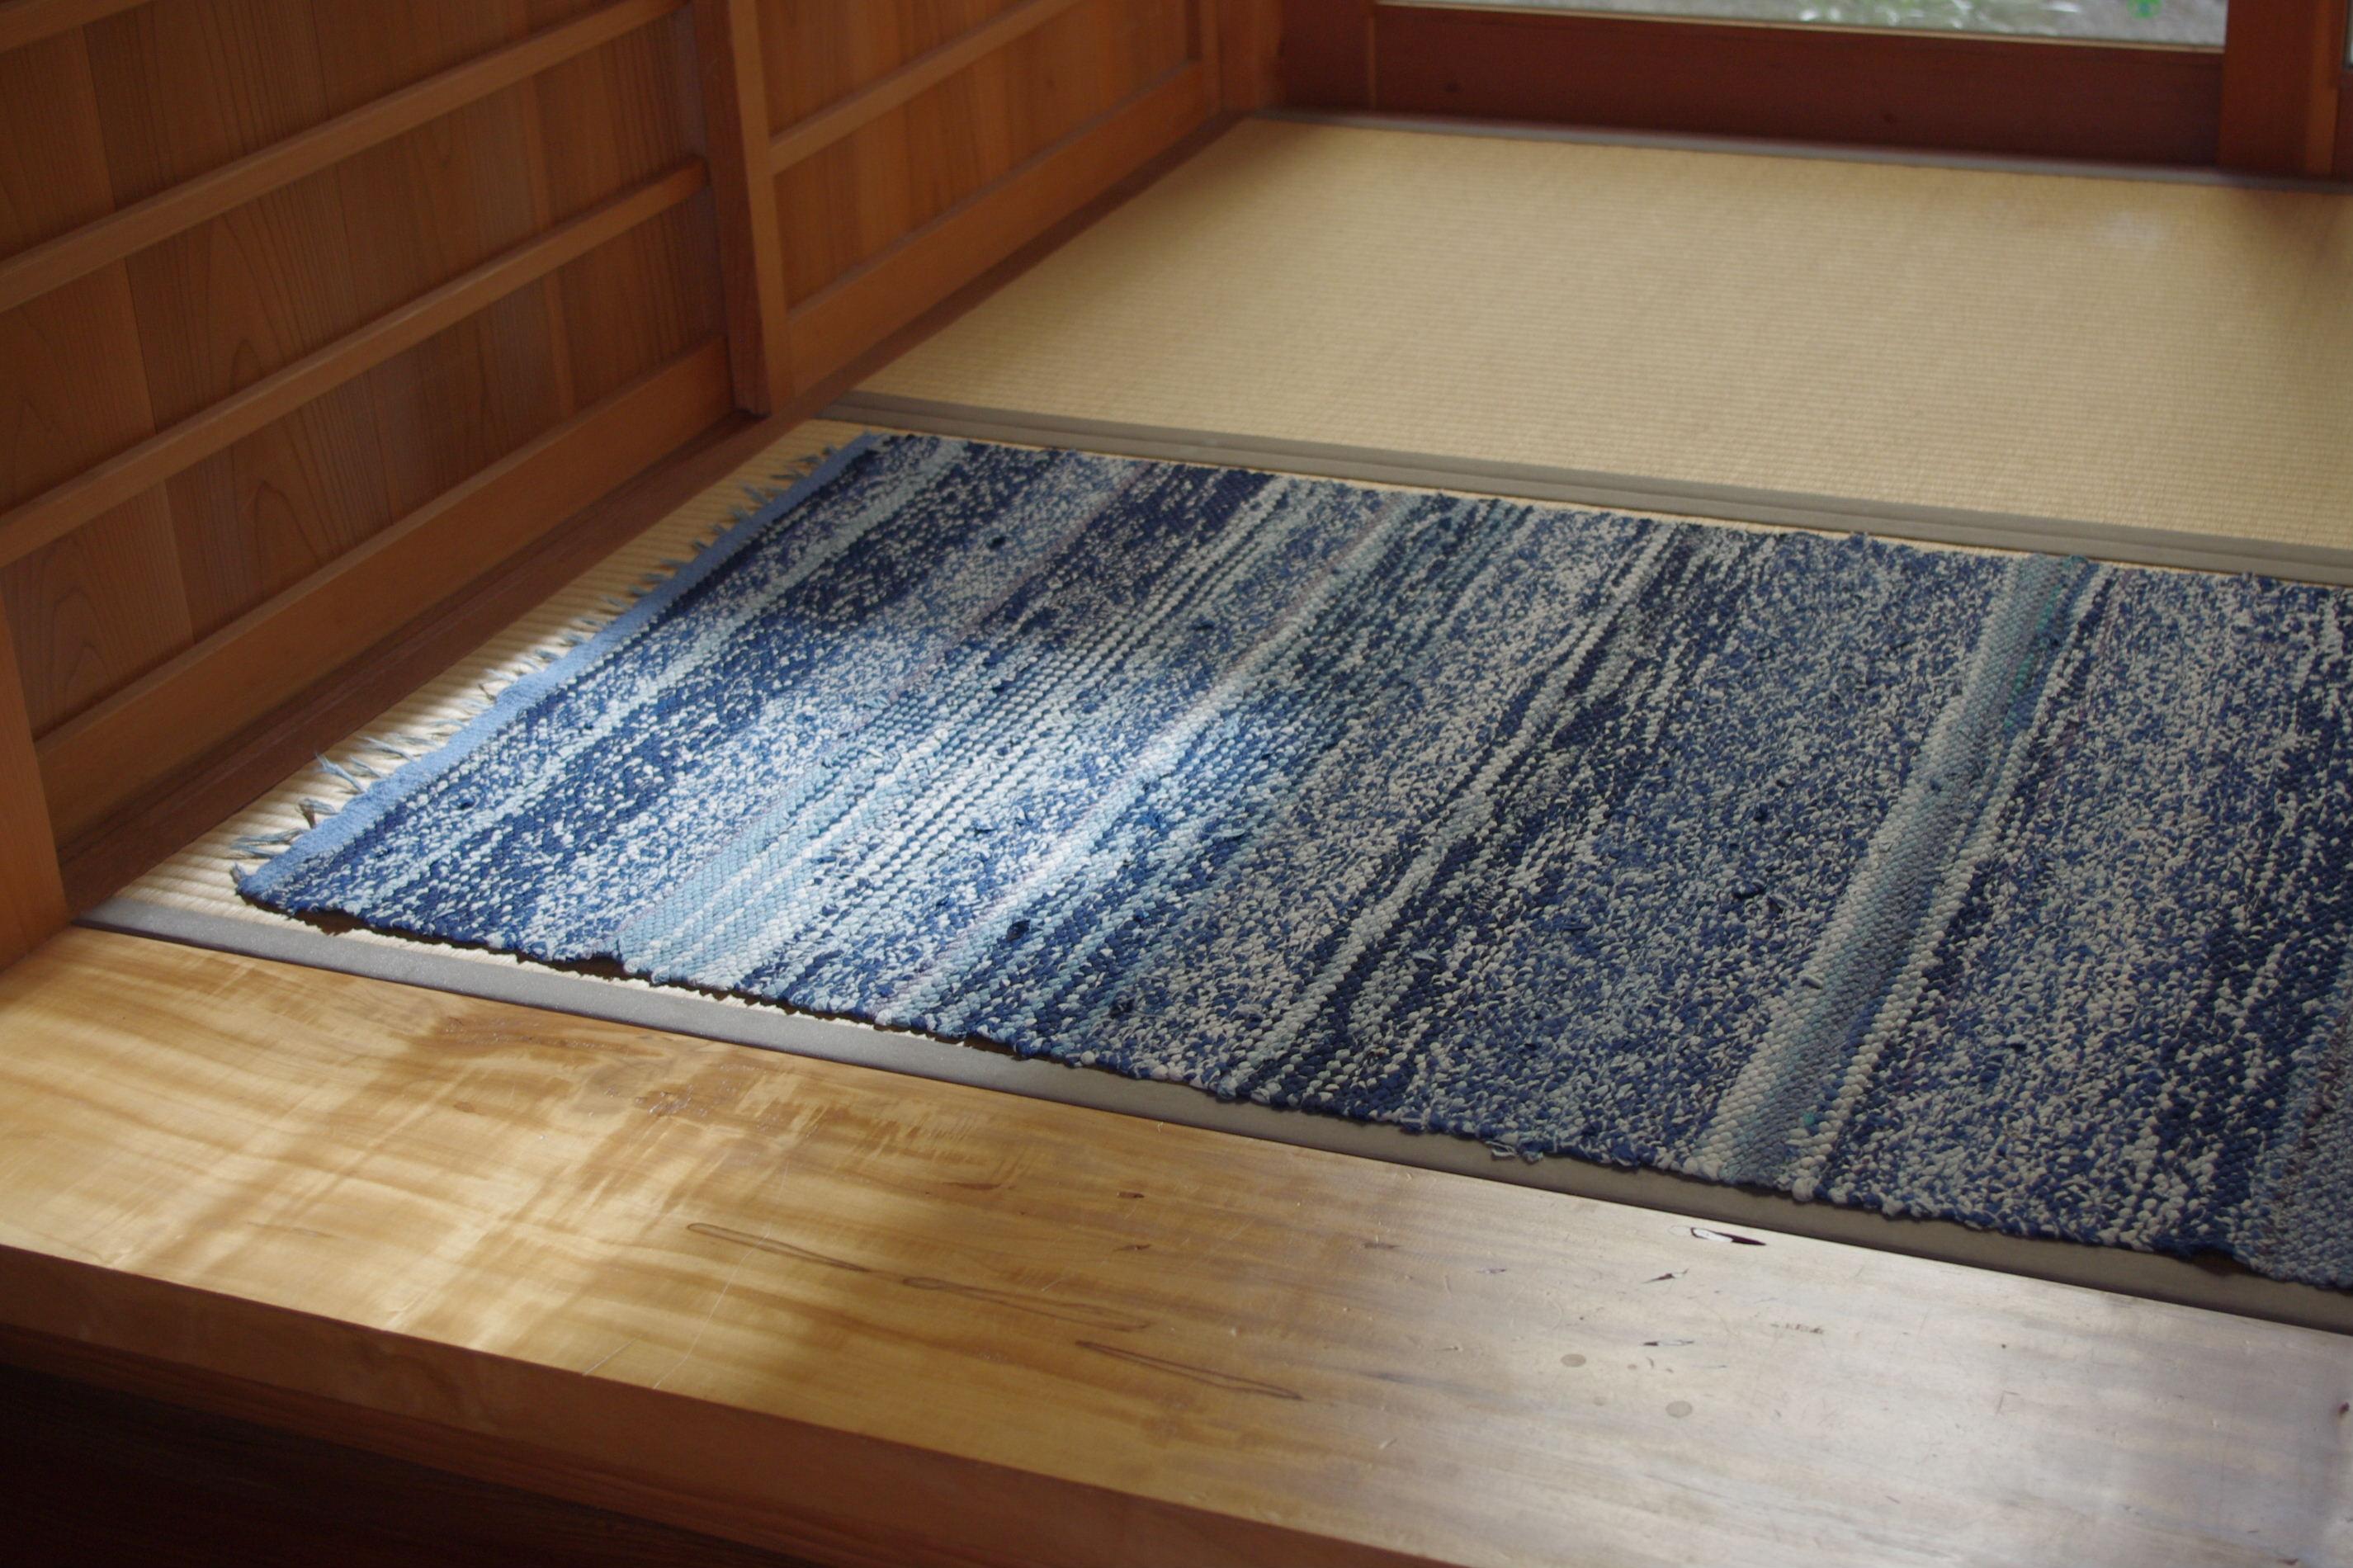 これぞロングライフ!20年以上使える⁉裂き織りの品々、紹介します。